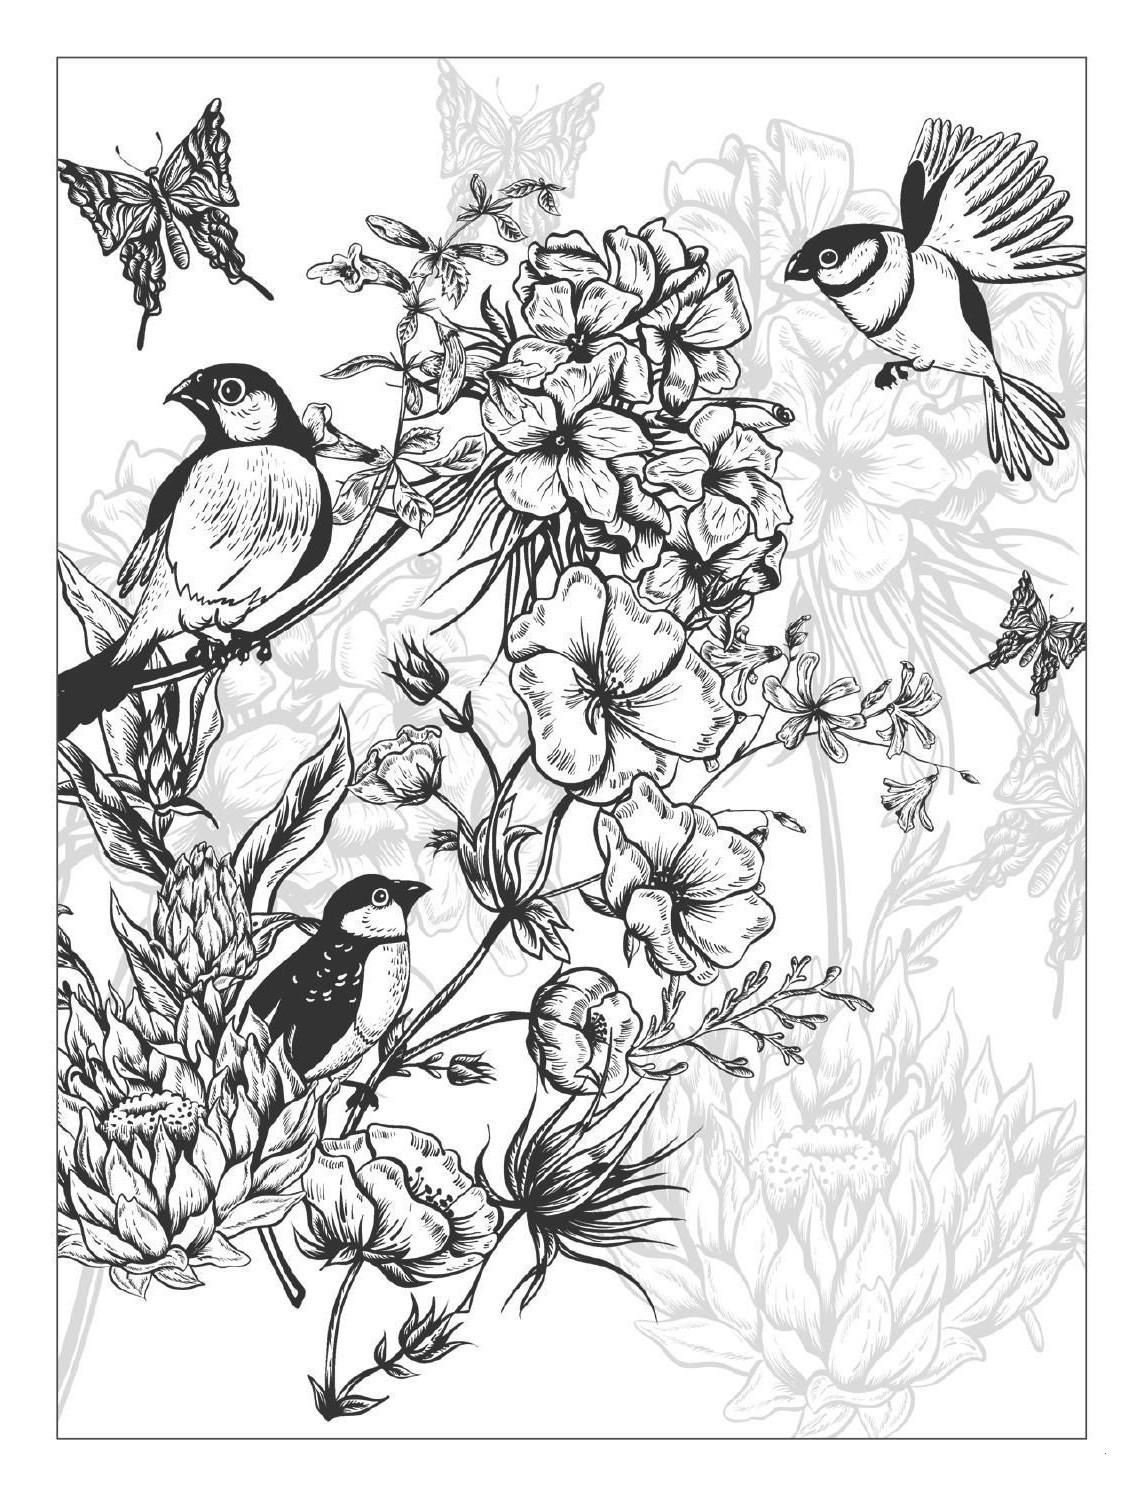 Schmetterlinge Bilder Zum Ausmalen Neu 23 Elegant Schmetterlinge Ausmalbilder – Malvorlagen Ideen Stock